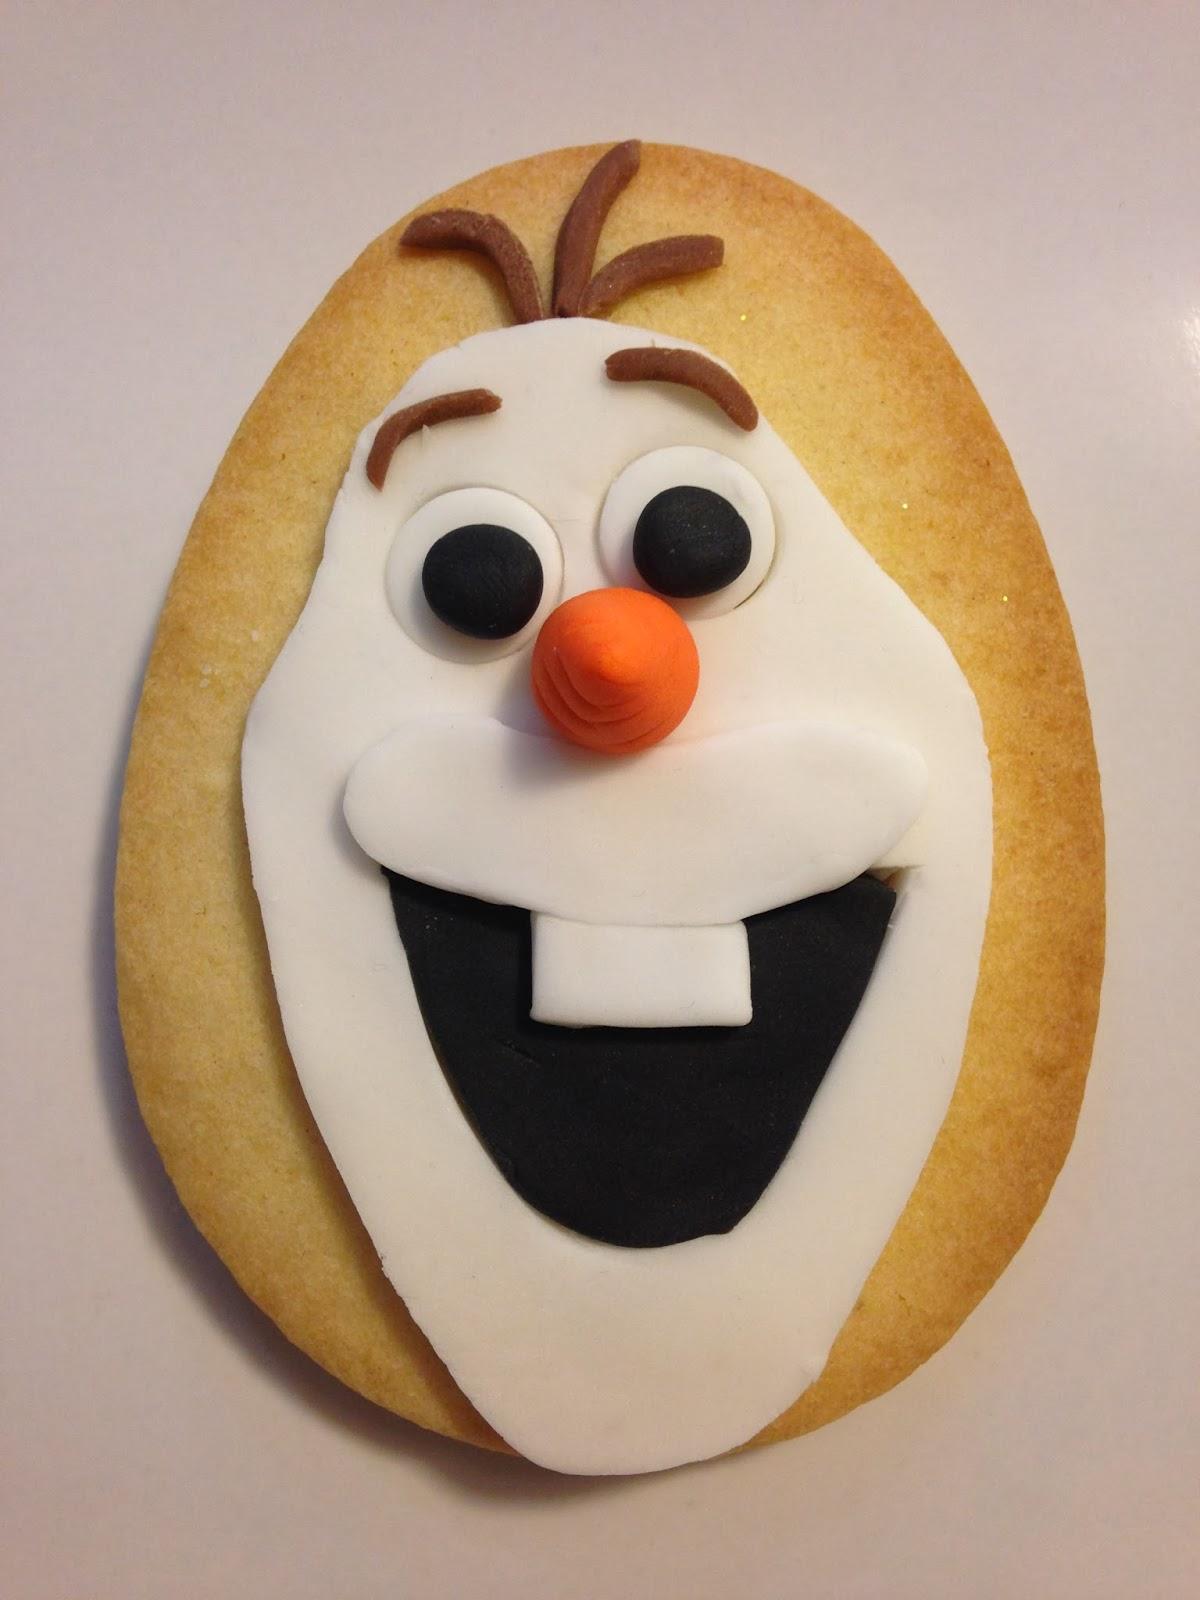 galletas de Olaf